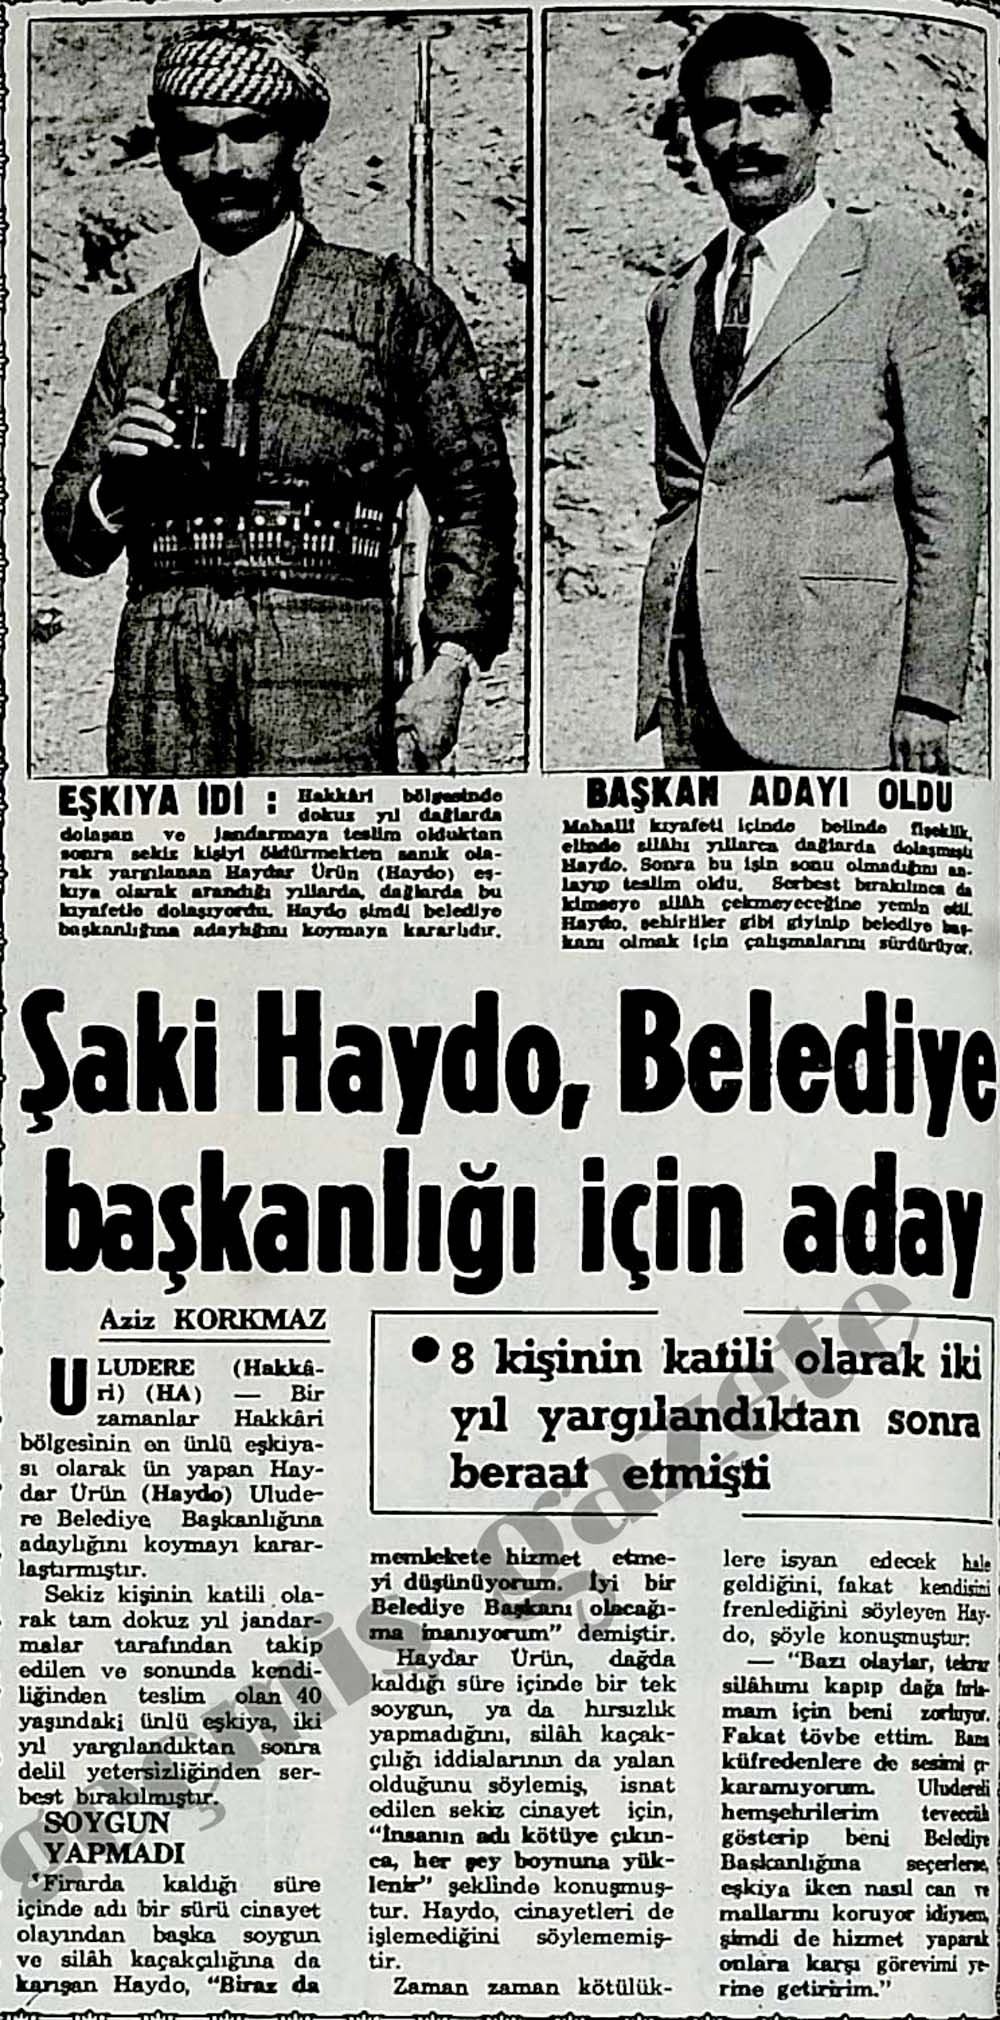 Şaki Haydo, Belediye başkanlığı için aday